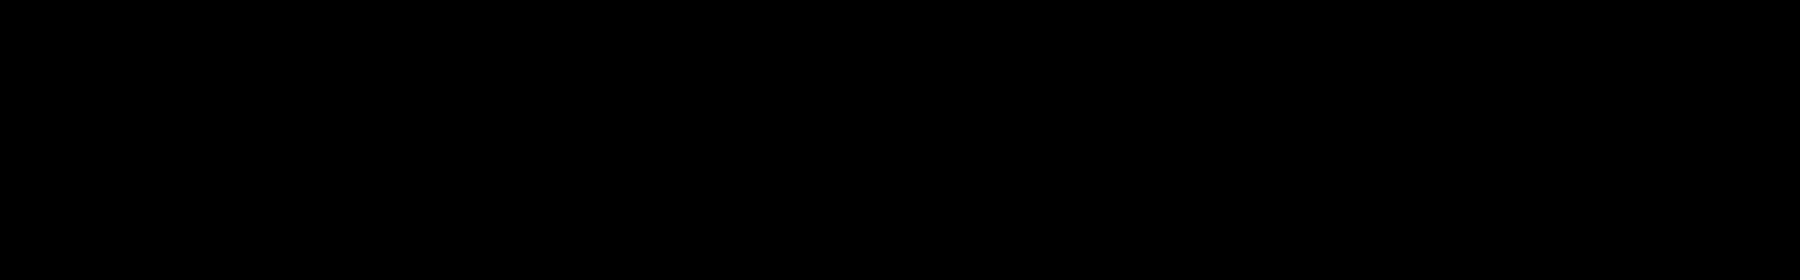 Cobalt audio waveform